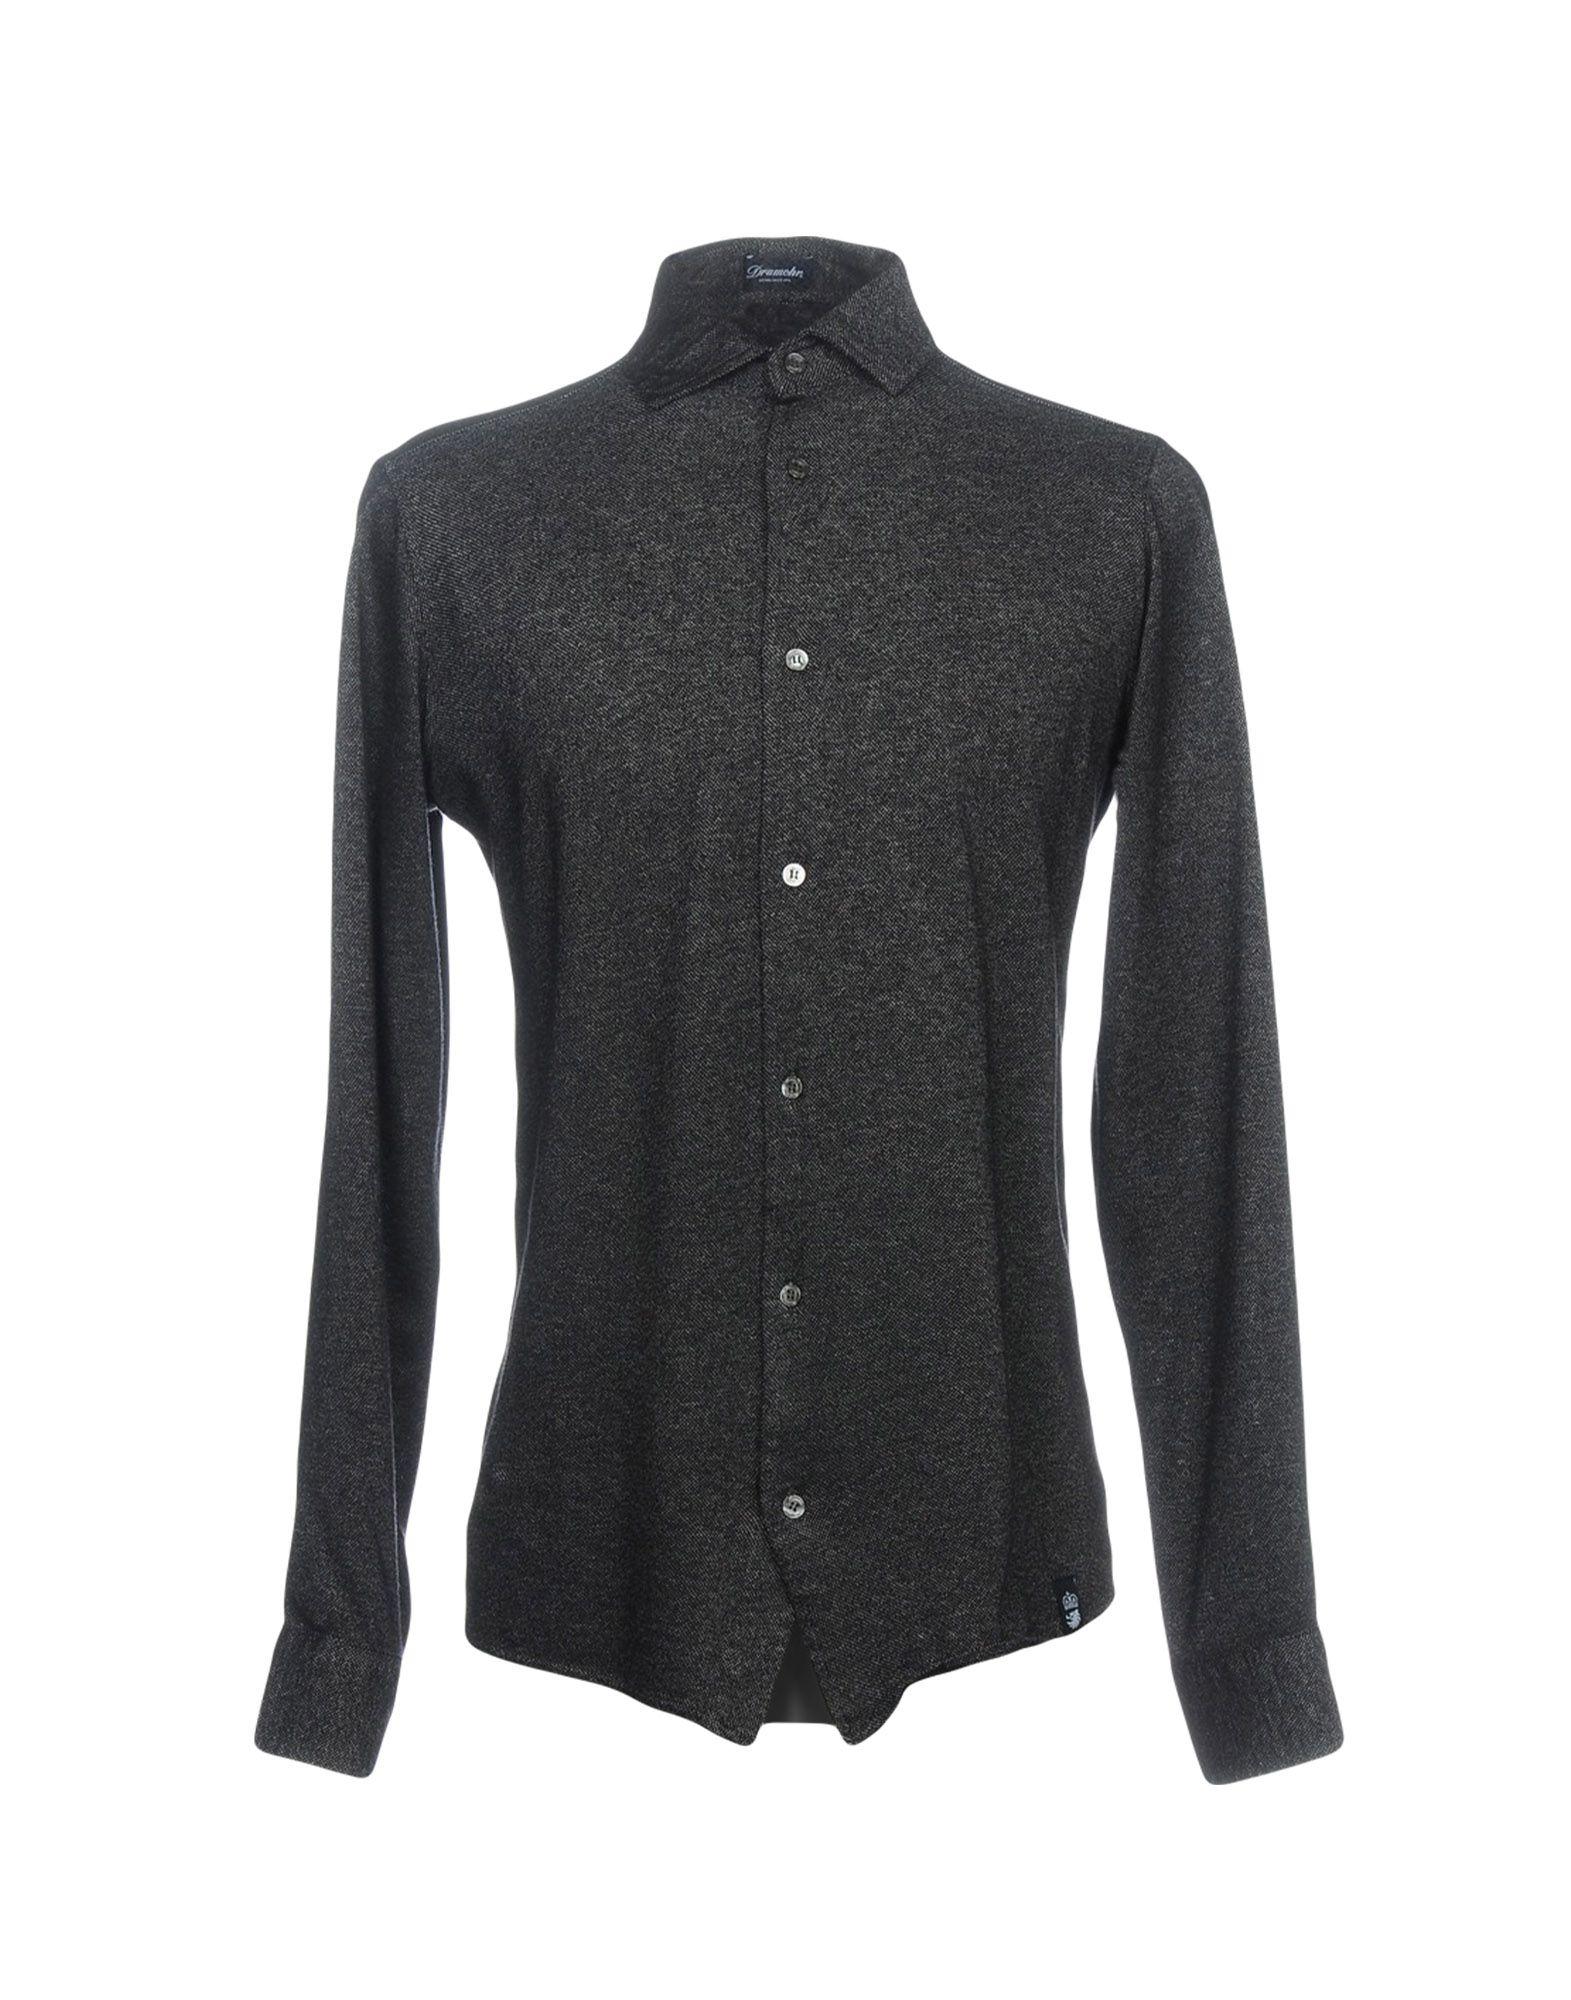 《送料無料》DRUMOHR メンズ シャツ ブラック S 100% コットン